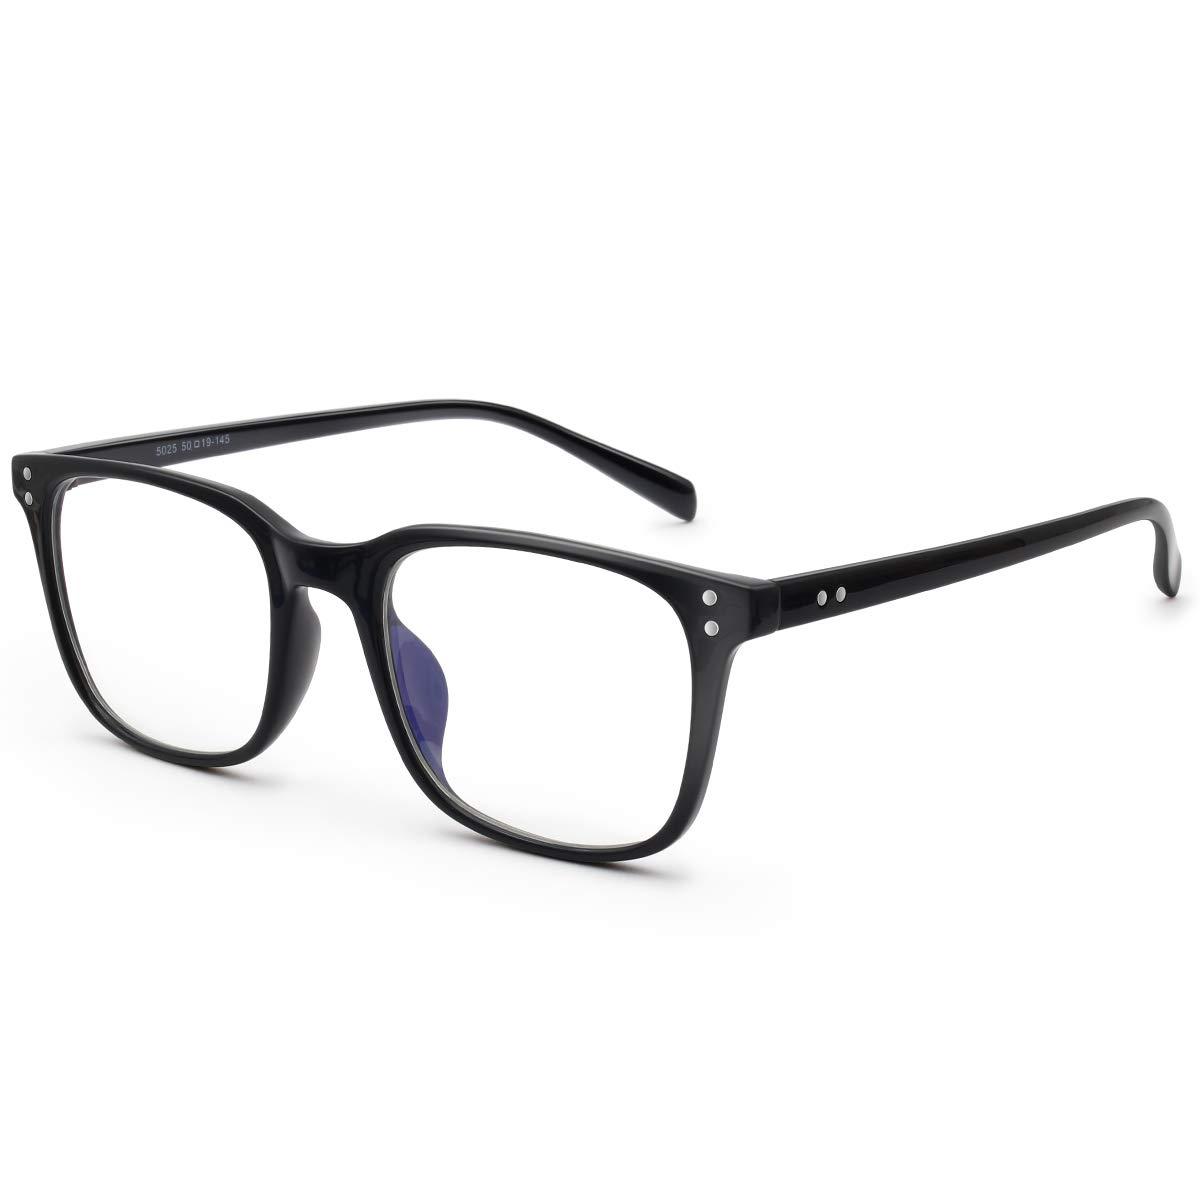 Livho Blue Light Blocking Glasses Filter Blue Ray Computer Game Glasses for Women Men Square Eyeglasses TR90 Frame [Anti Eyestrain, Reduce Headache & Better Sleep] - 0.0 Magnification